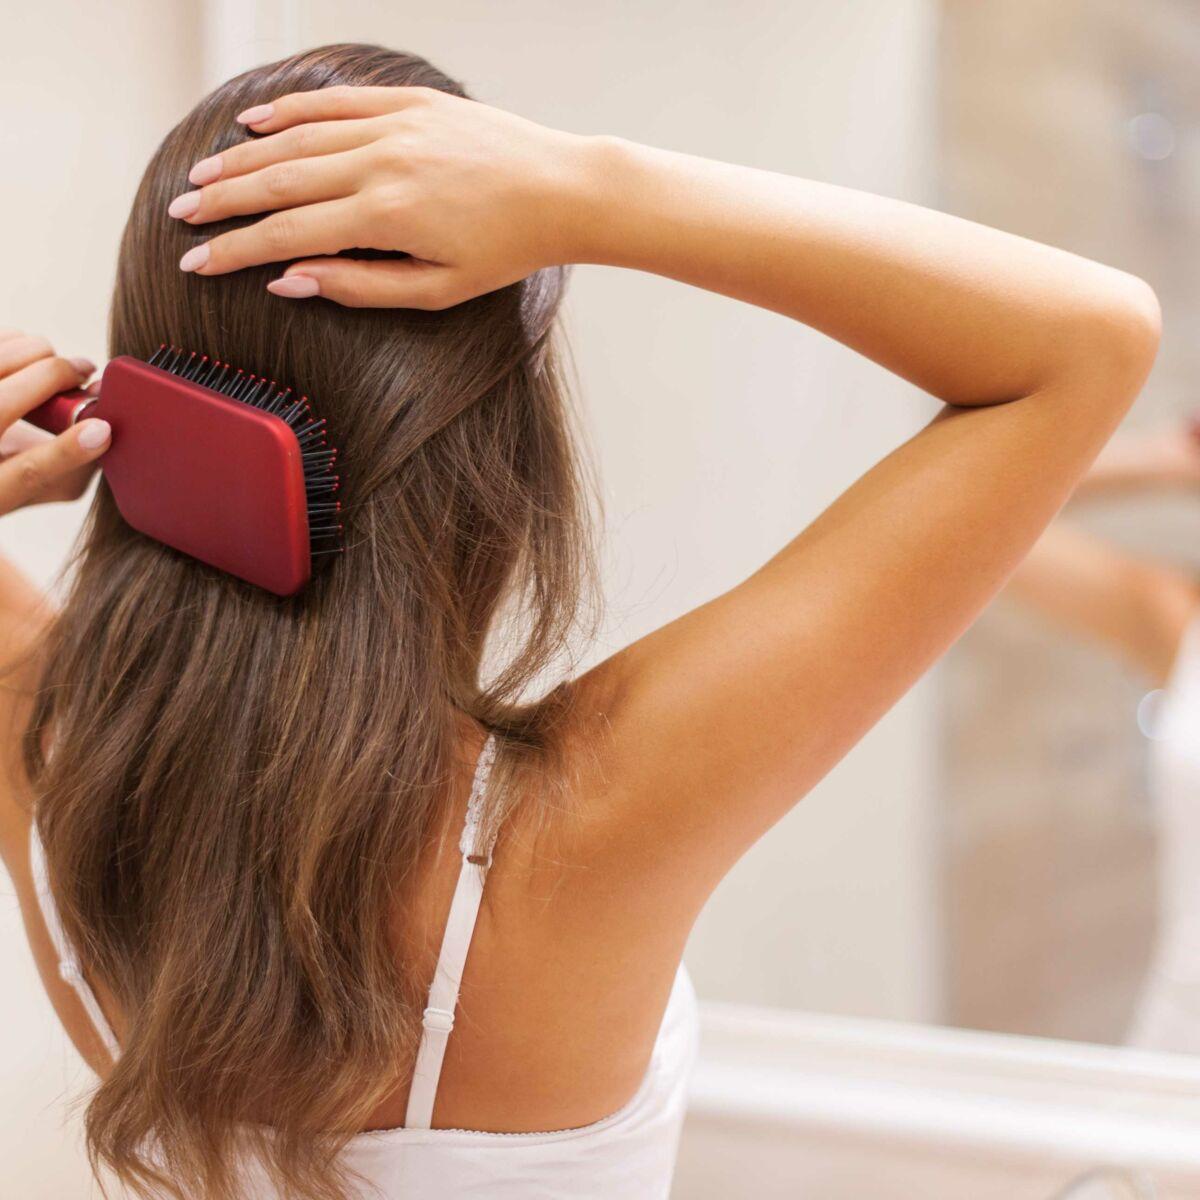 Les solutions pour éviter la chute de cheveux Femme Actuelle